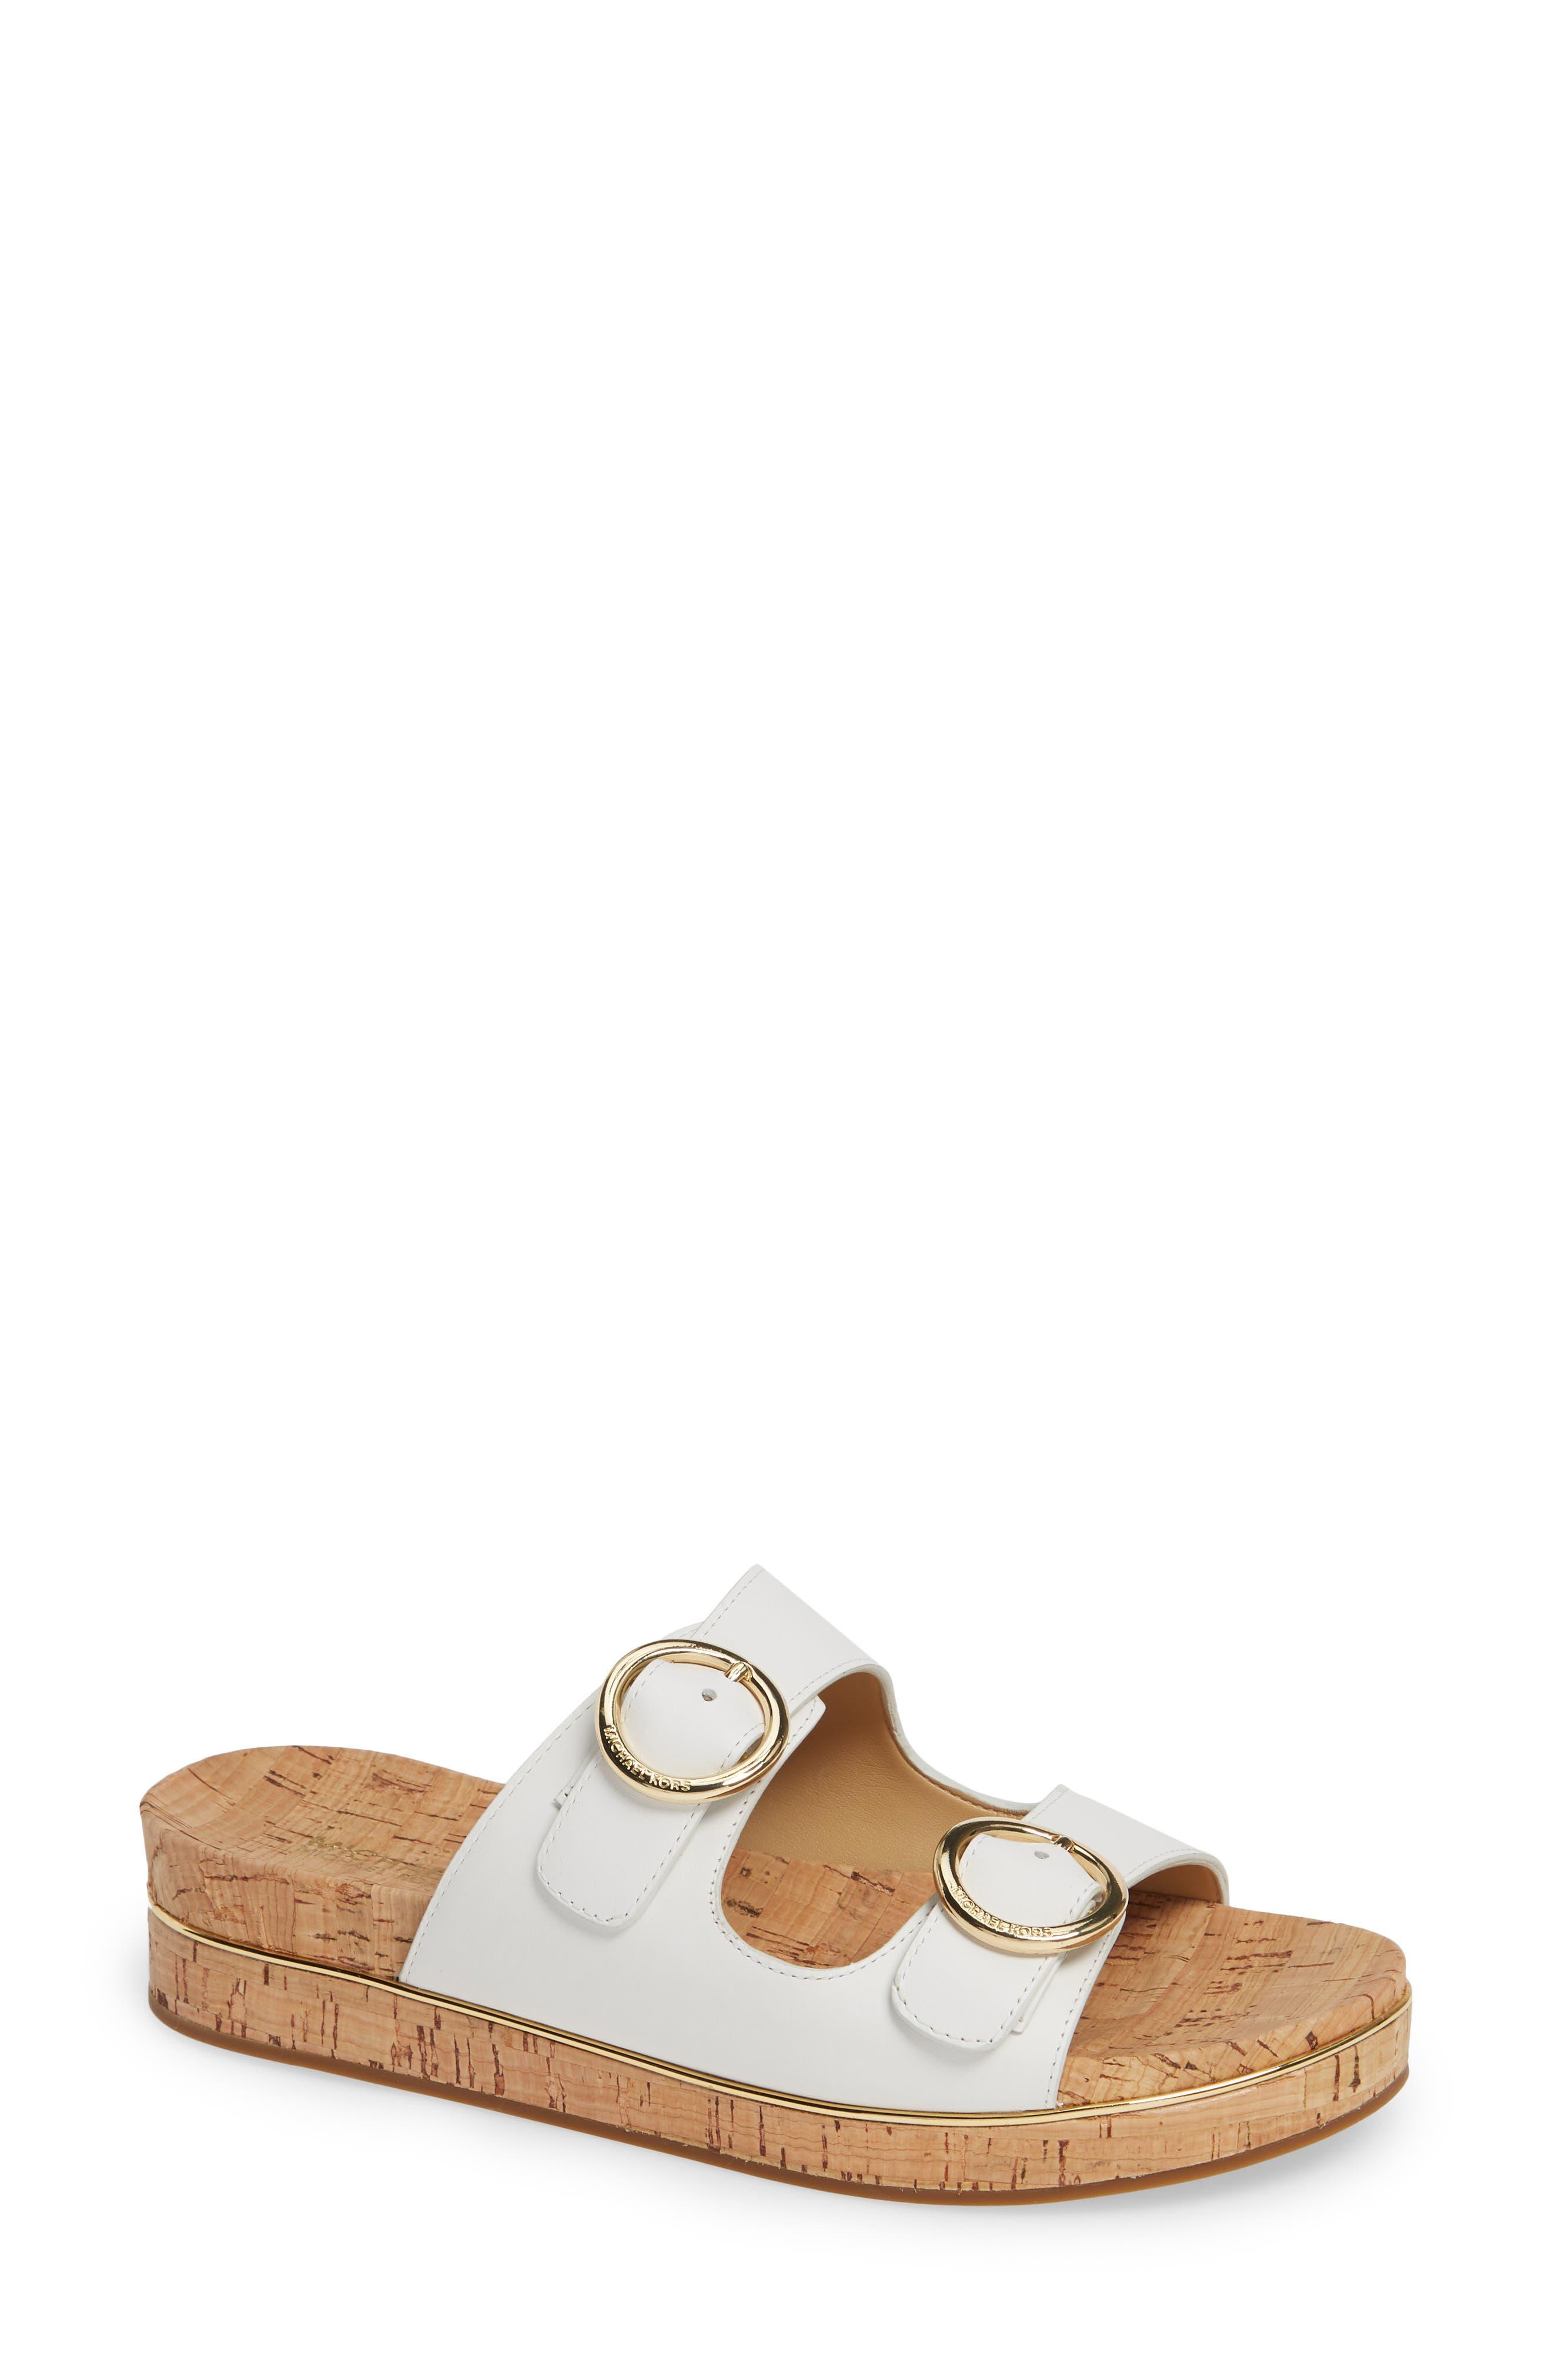 Michael Michael Kors Estelle Slide Sandal- White